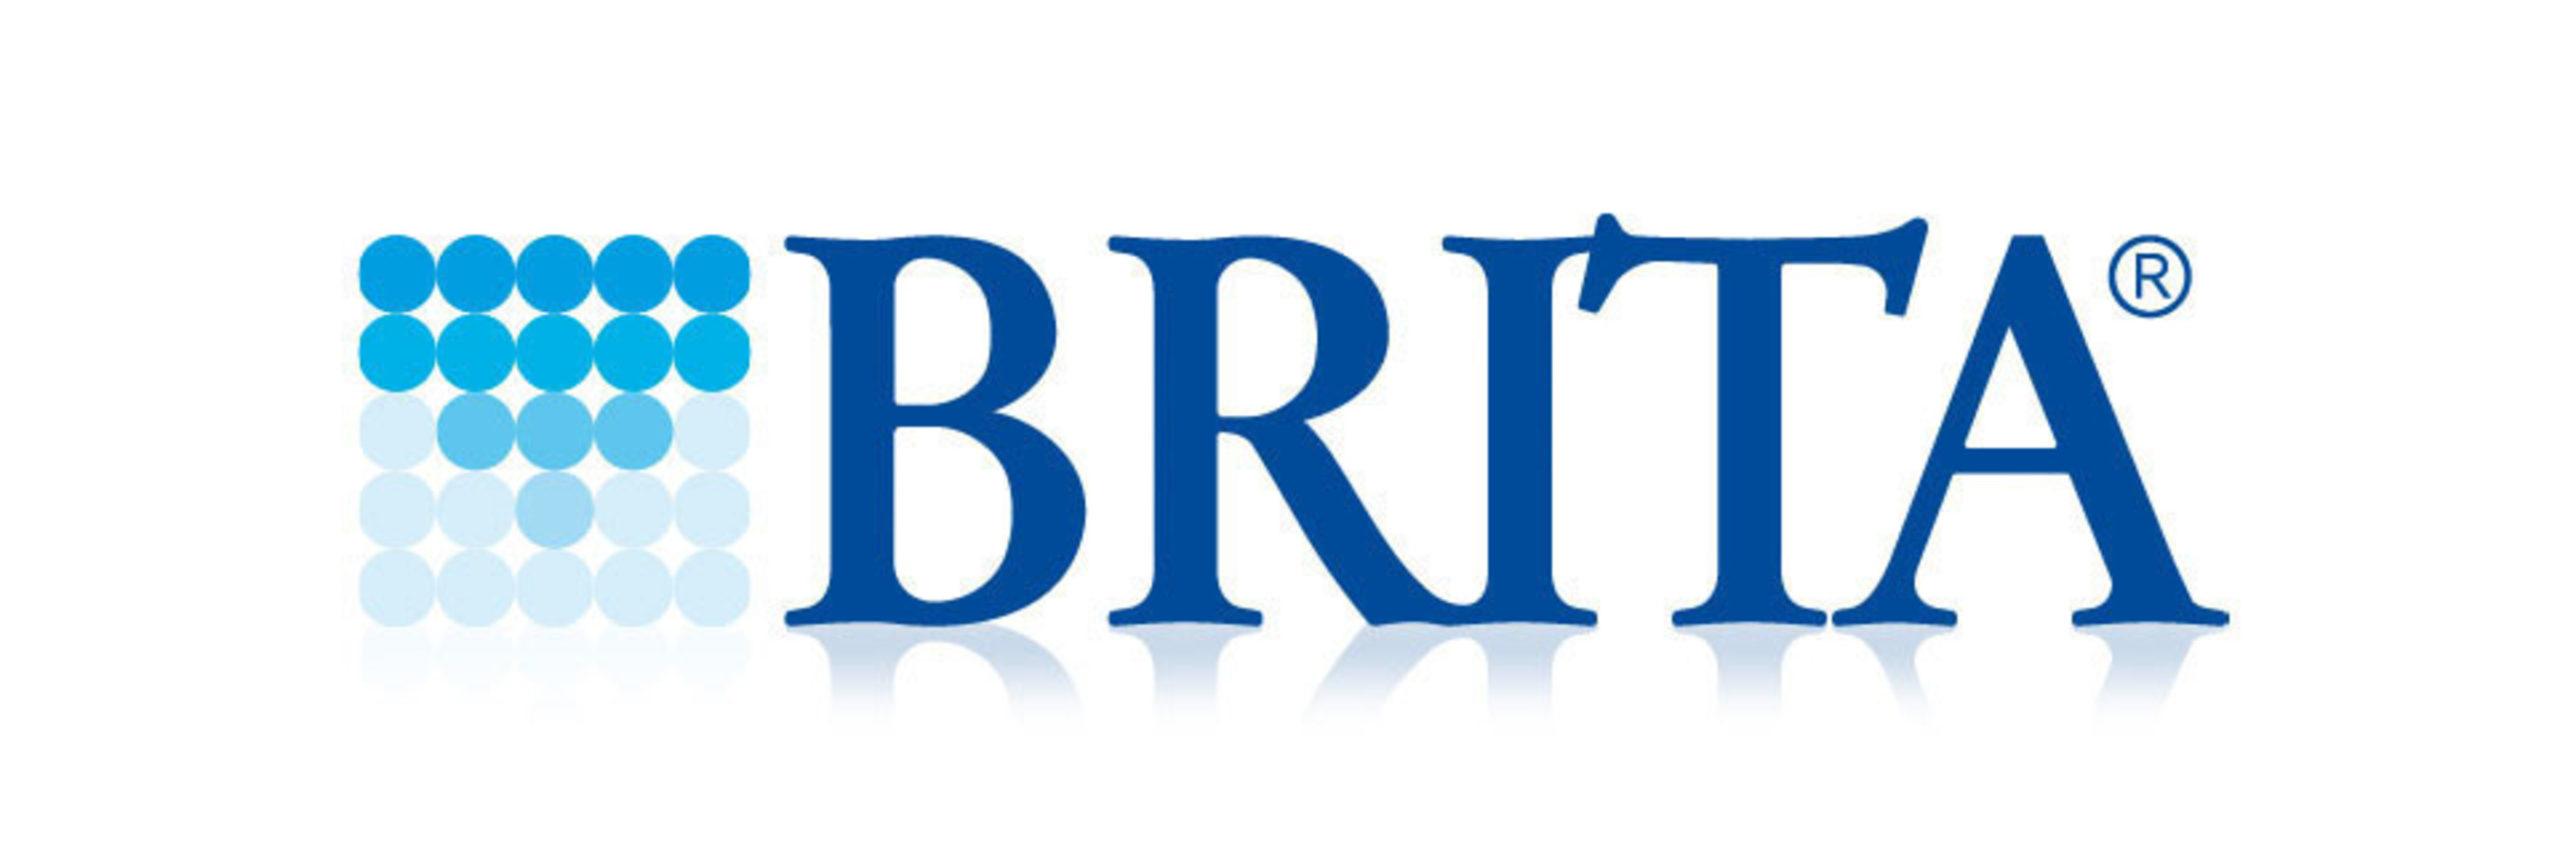 brita logo firmy